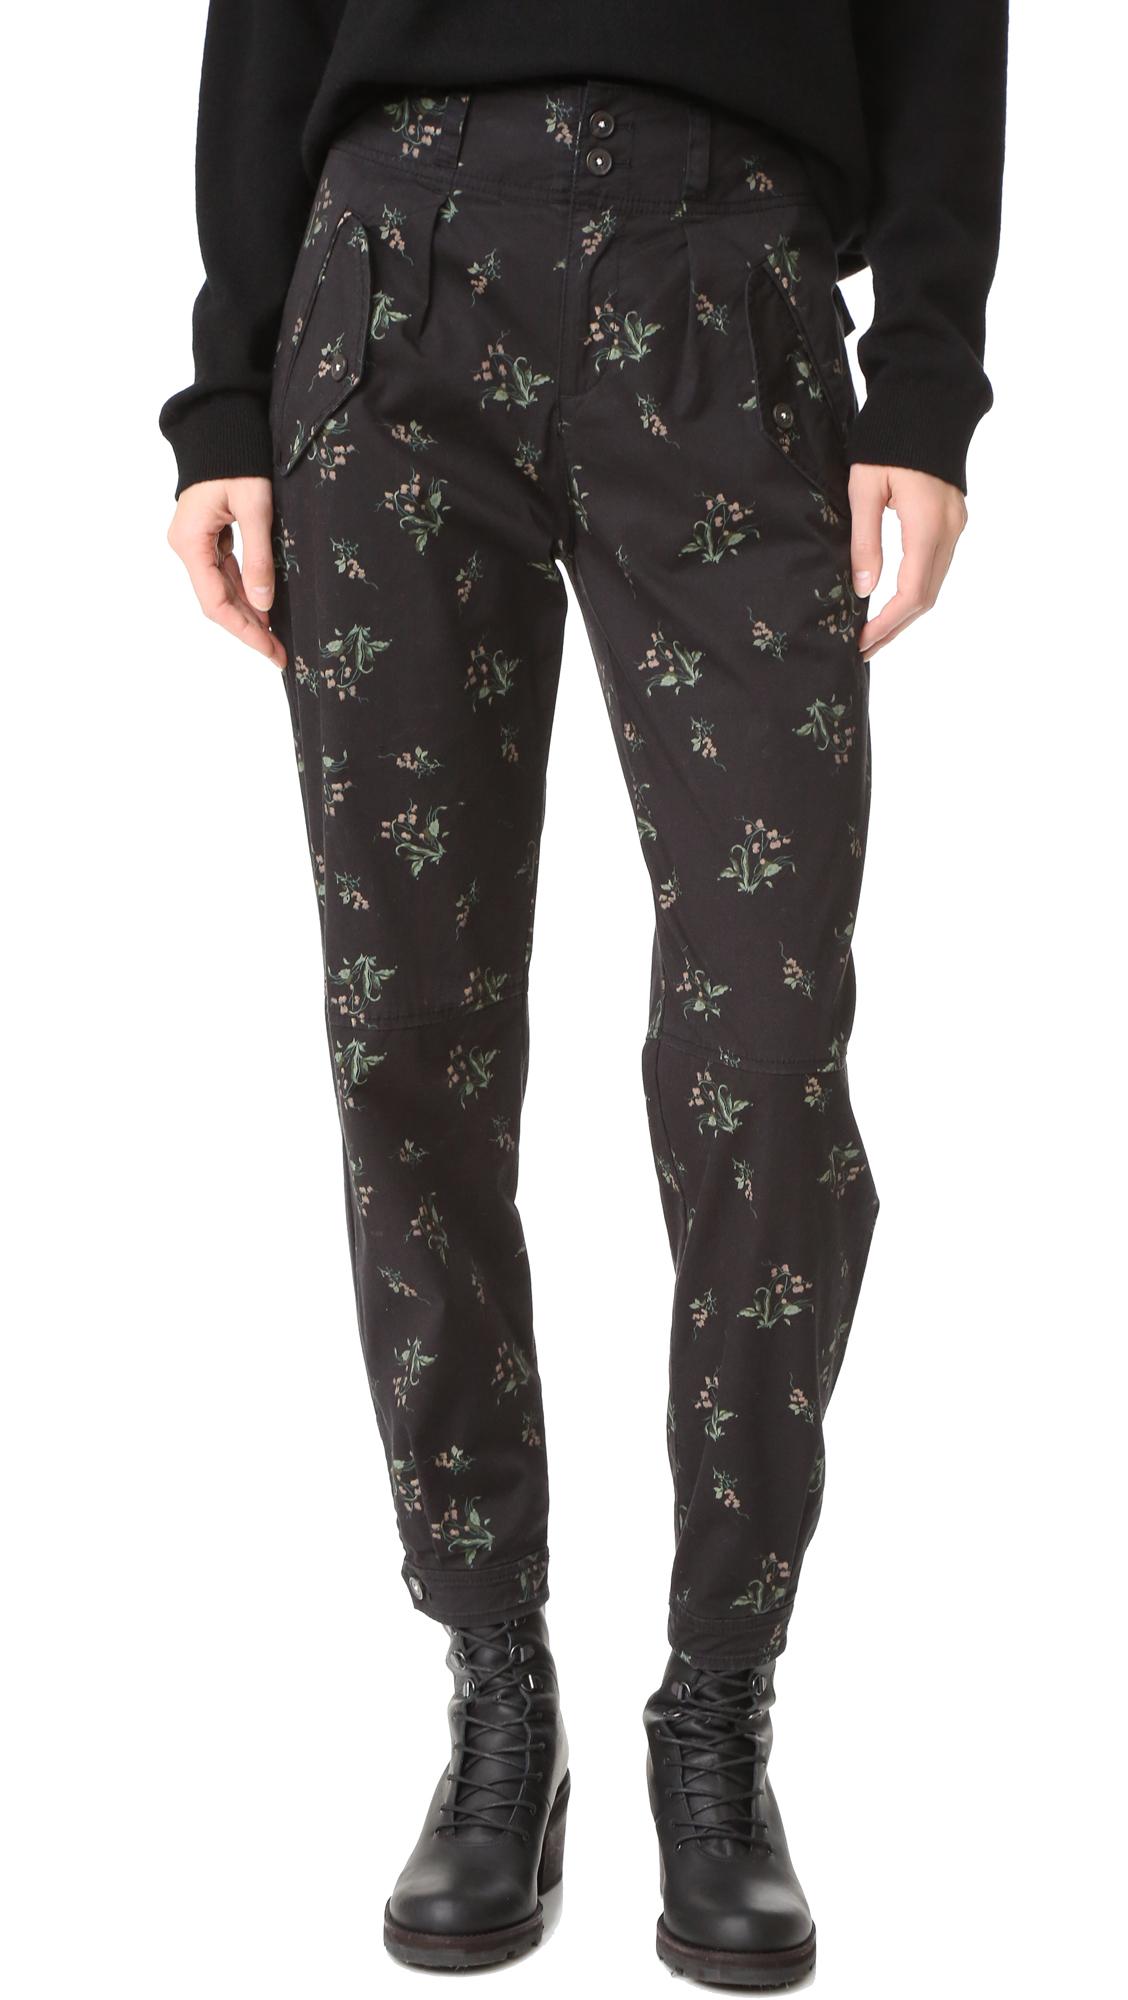 La Vie Rebecca Taylor Floral Odette Pants - Washed Black at Shopbop